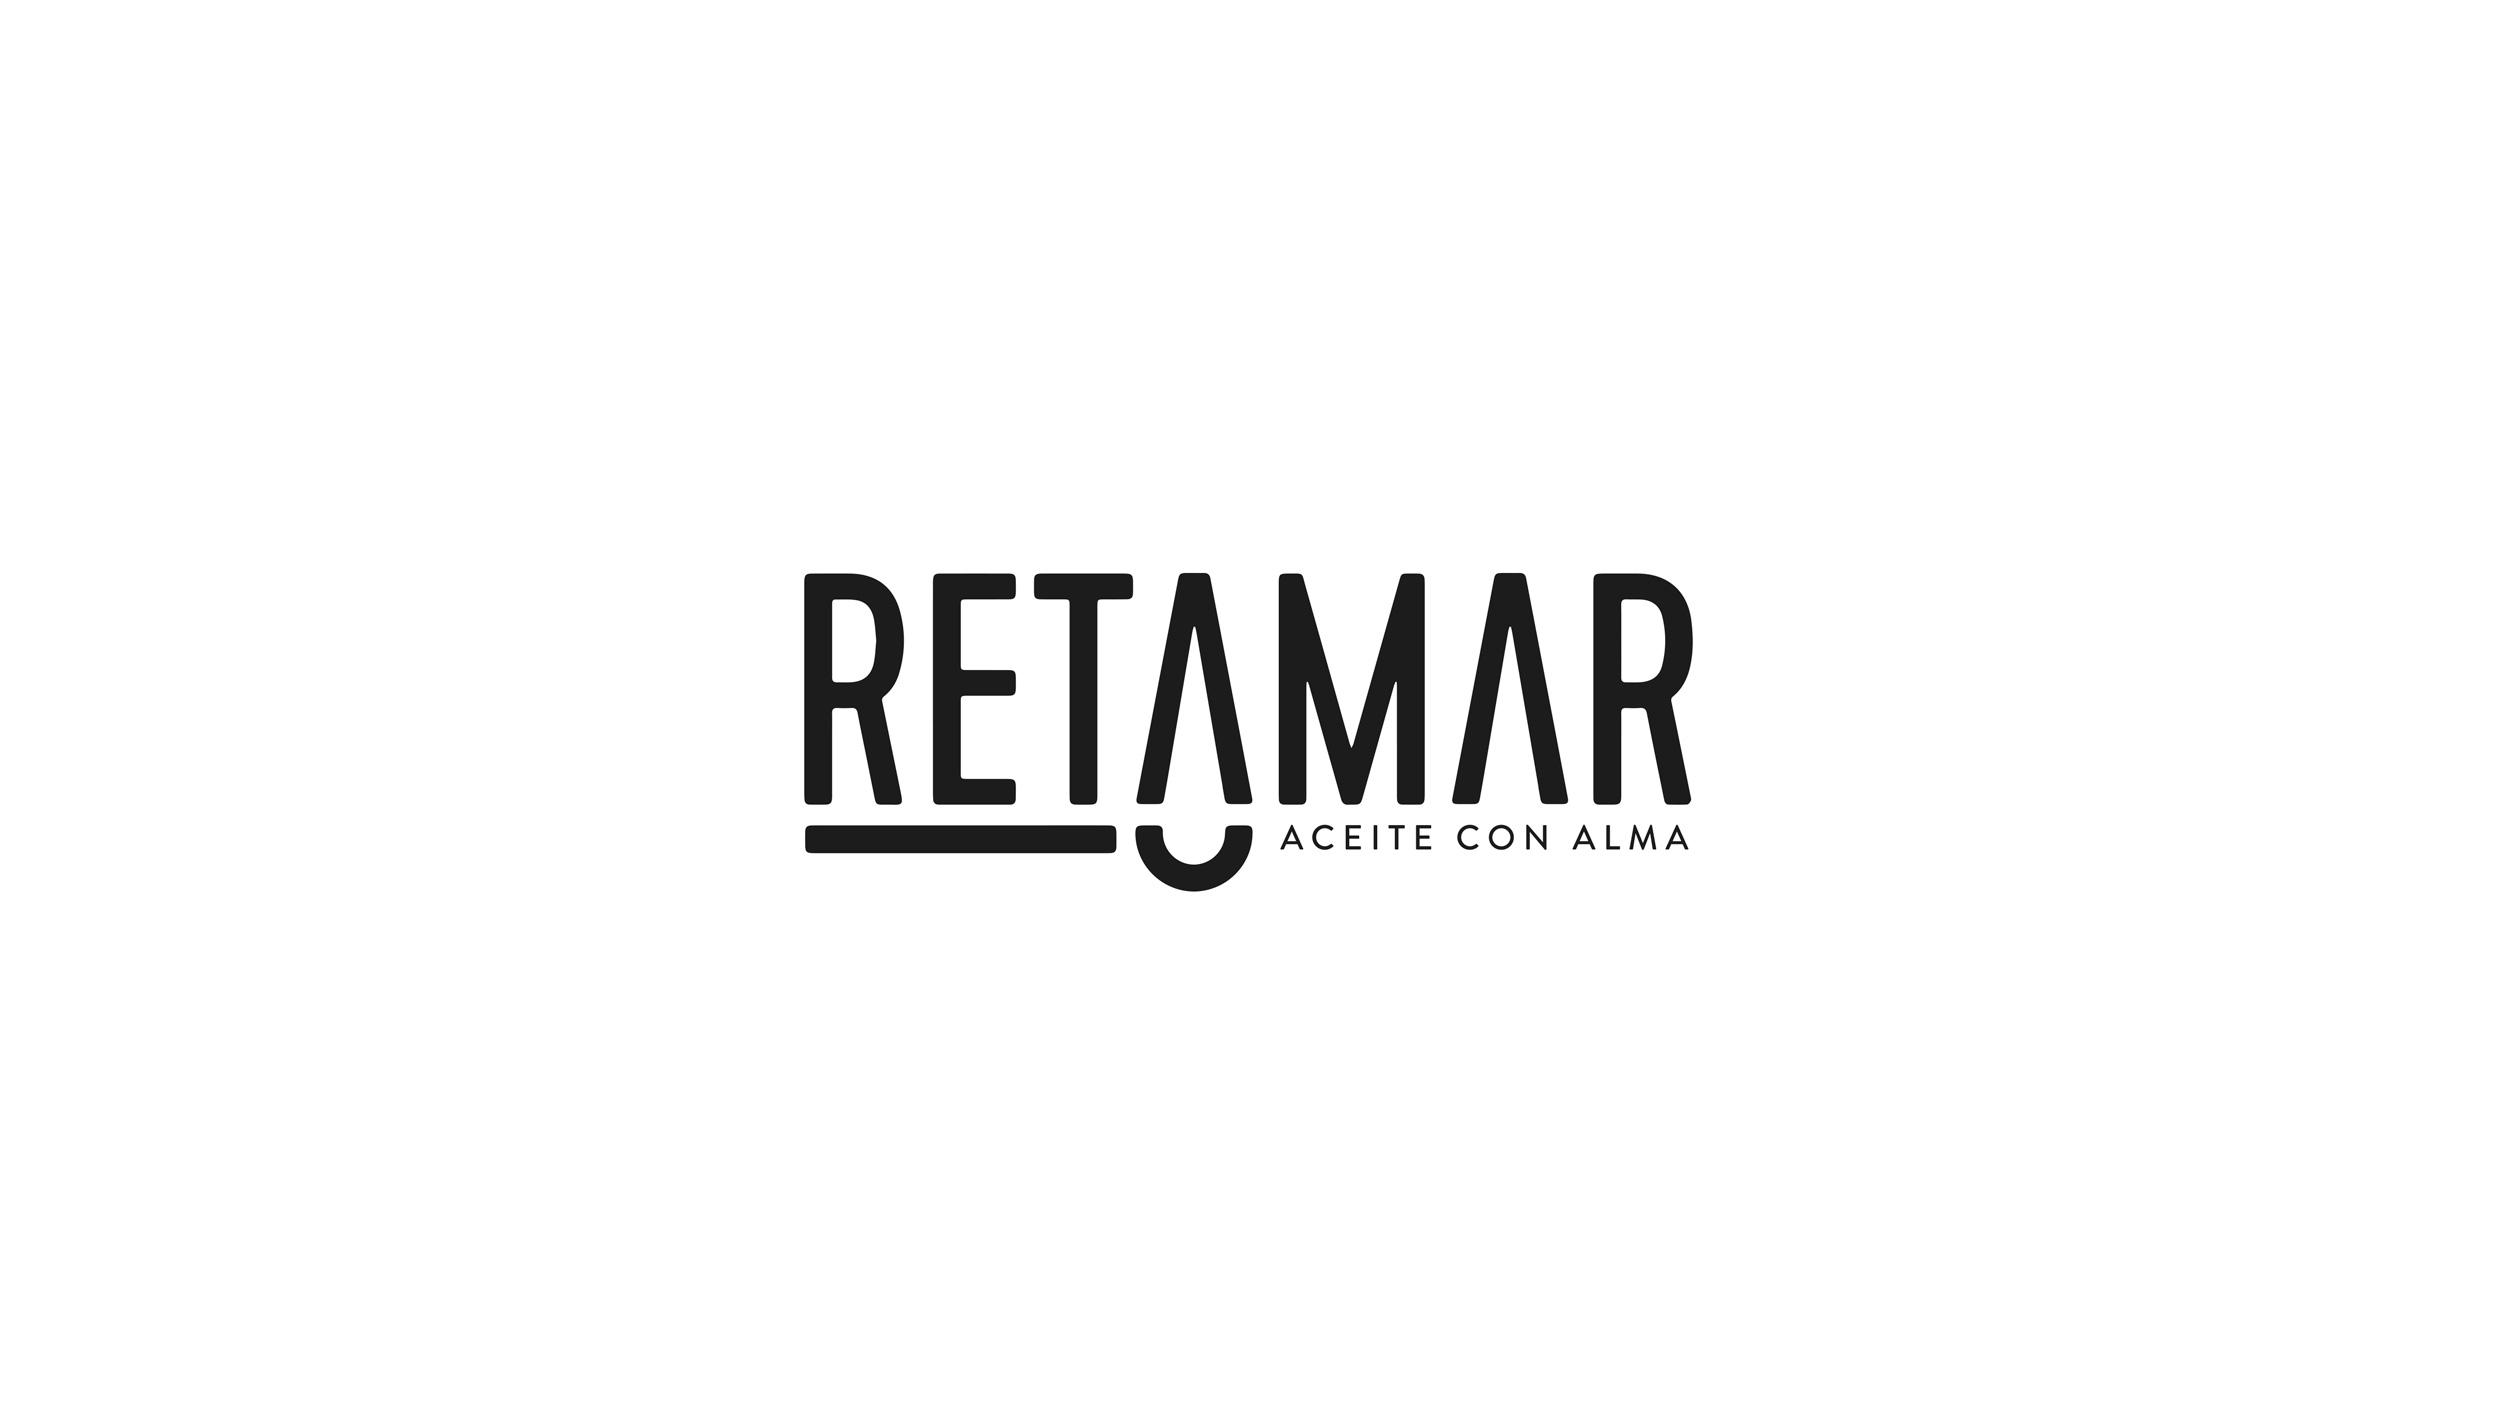 Logotipo principal Aceite Retamar